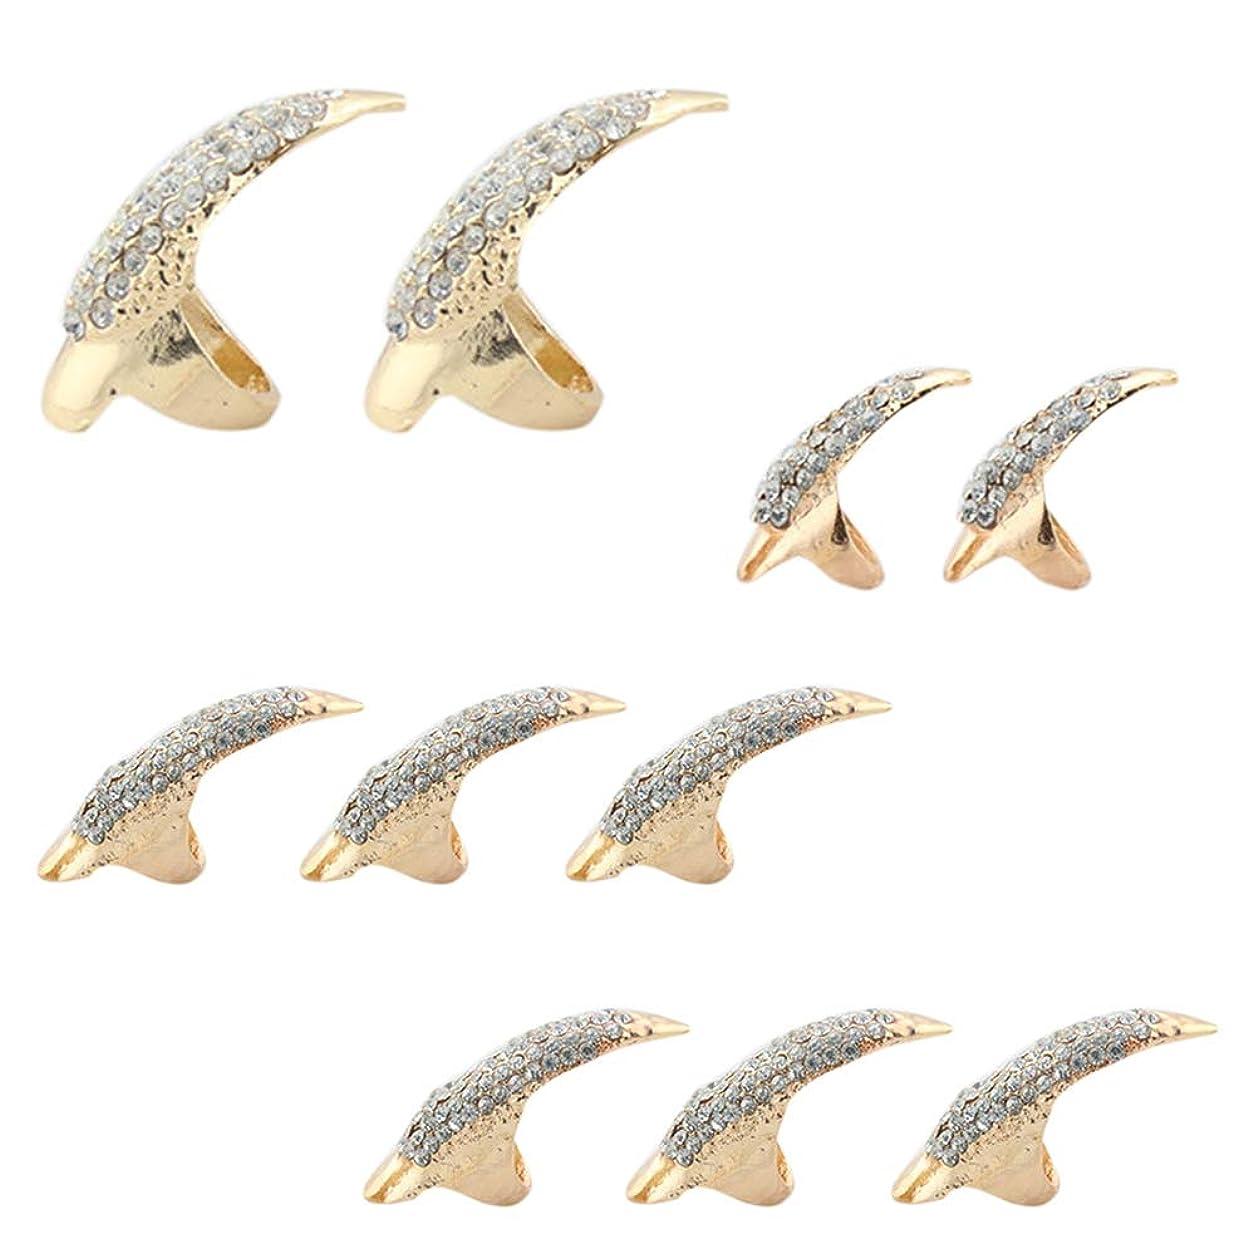 大使西神秘的なLURROSE 10本偽ネイルパンクスタイルタロン爪足指輪ナックルベンド指先指爪リング3サイズ(ブラック)